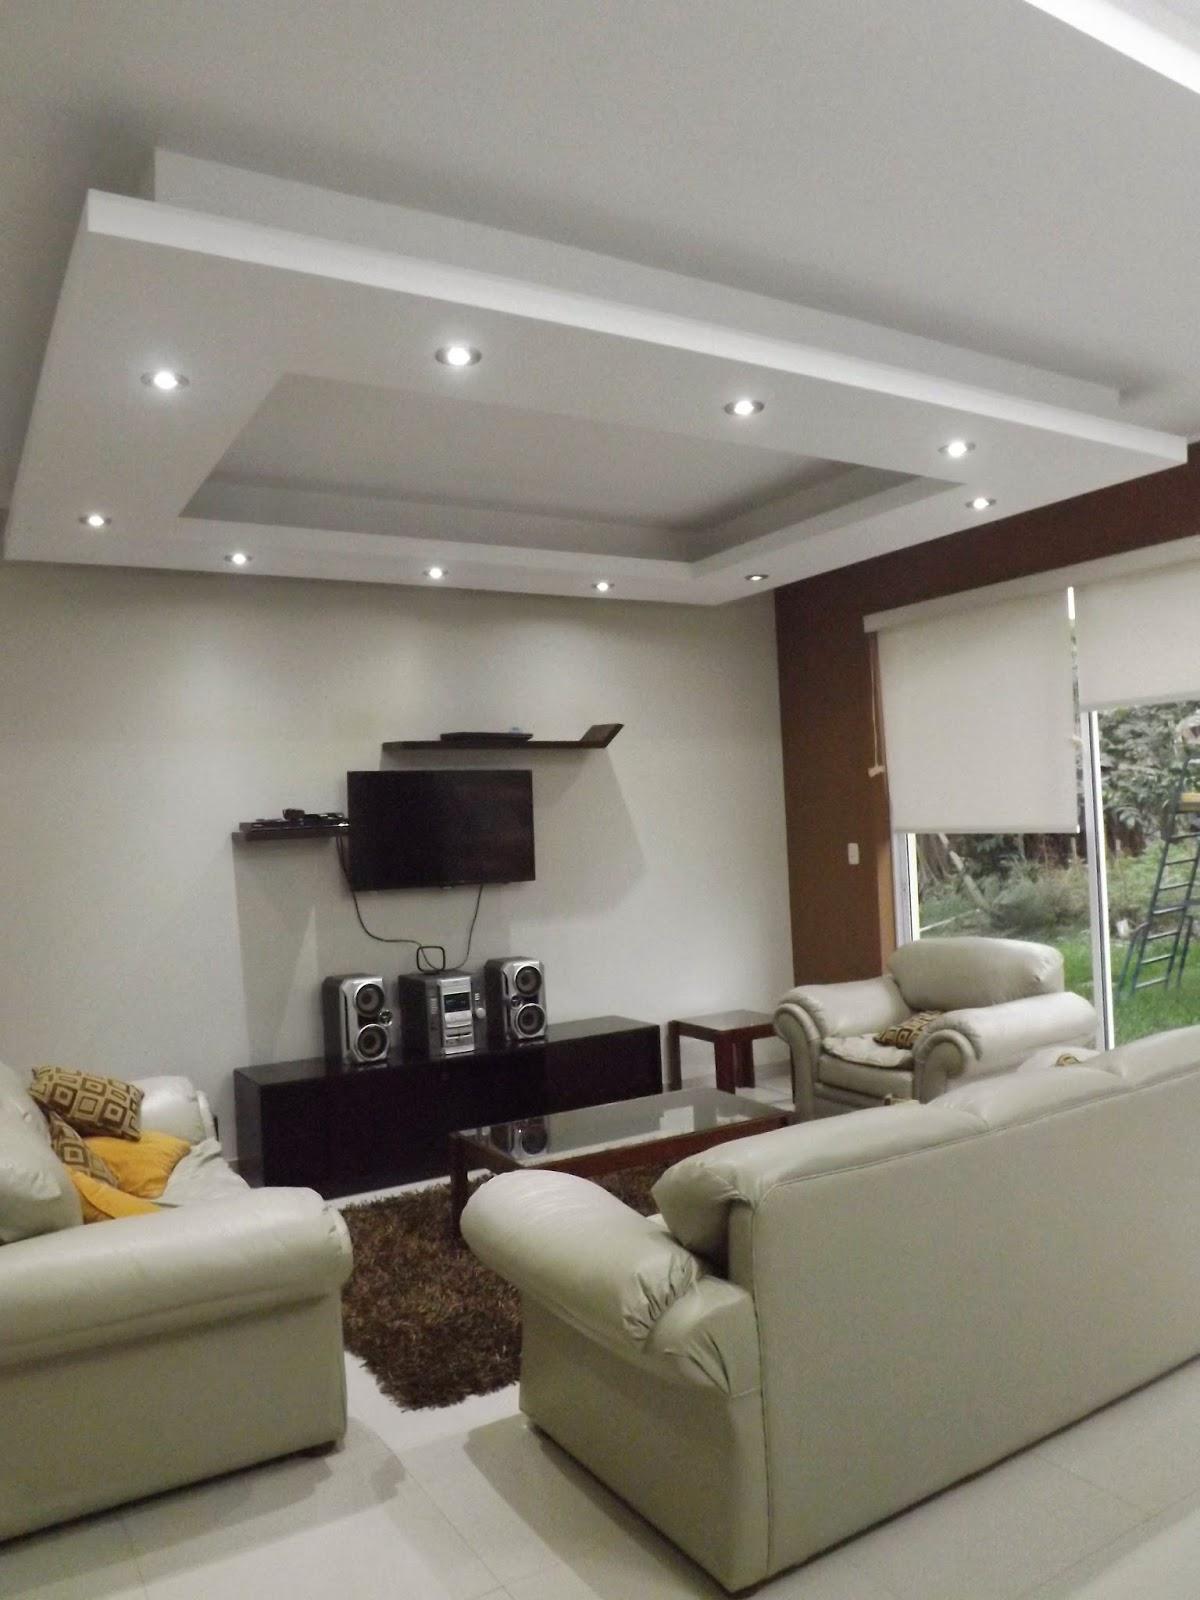 Oniria acondicionamiento de vivienda en construcci n for Techos de drywall para dormitorios